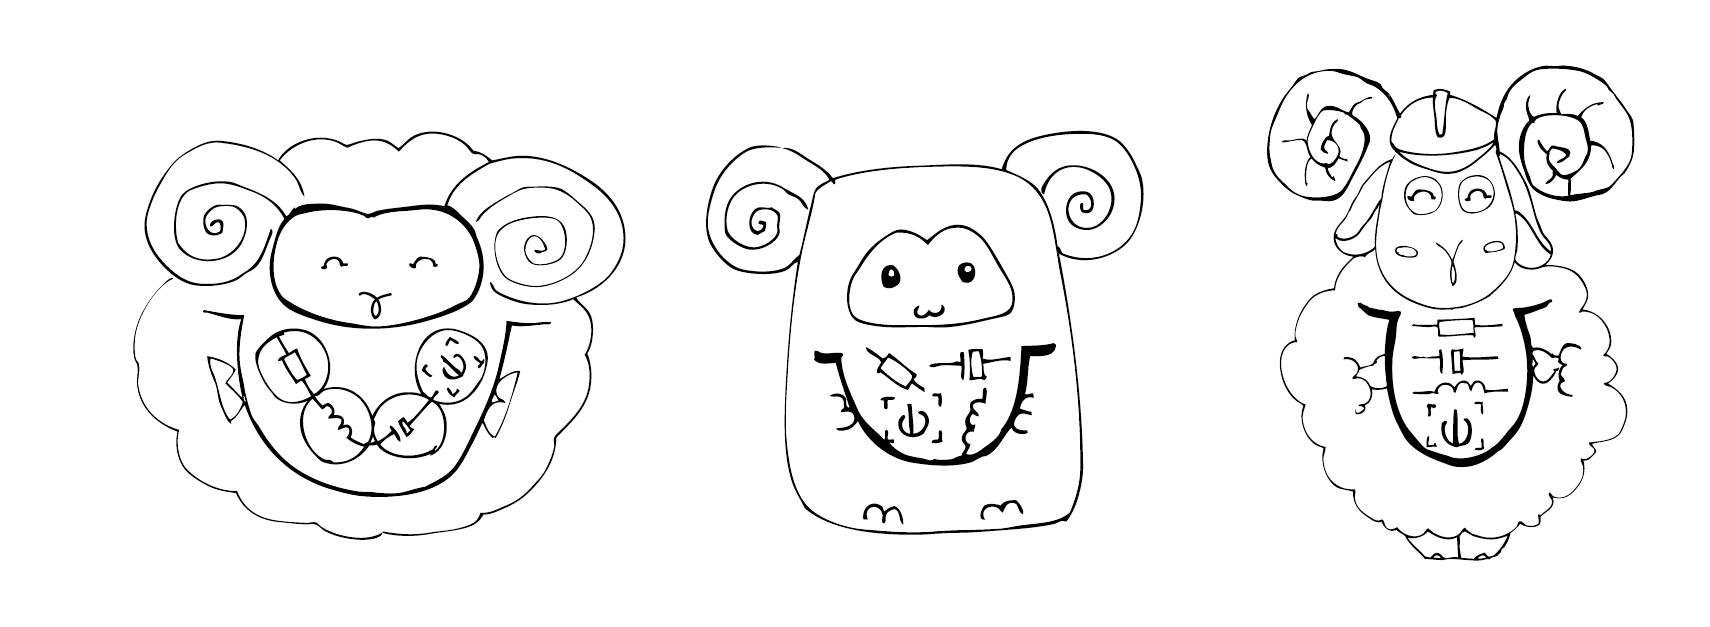 """""""圆形"""",""""方形"""",""""椭圆形""""基础造型,设计出活泼可爱的手拿宝瓶的吉祥物"""